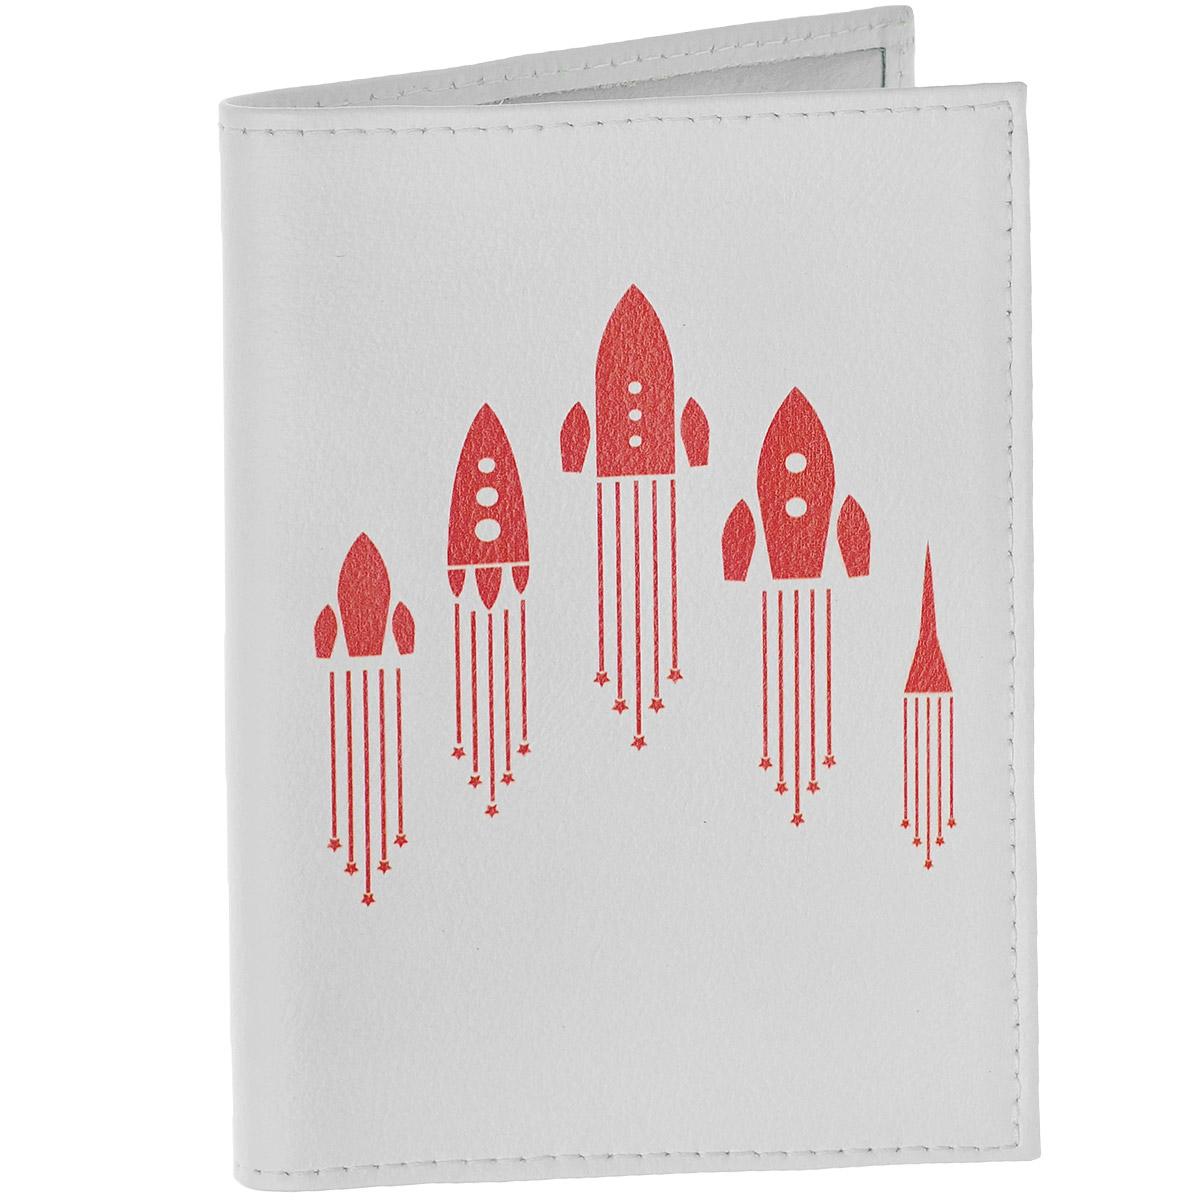 Обложка для автодокументов Ракеты. AUTO286AUTO286Обложка для автодокументов Mitya Veselkov Ракеты изготовлена из натуральной кожибелого цвета и оформлена изображениями силуэтов взлетающих красных ракет. На внутреннем развороте имеются съемный блок из шести прозрачных файлов из мягкого пластика для водительских документов, один из которых формата А5, а также два боковых кармашка для визиток или банковских карт.Стильная обложка не только поможет сохранить внешний вид ваших документов и защитит их отгрязи и пыли, но и станет аксессуаром, который подчеркнет вашу яркую индивидуальность.